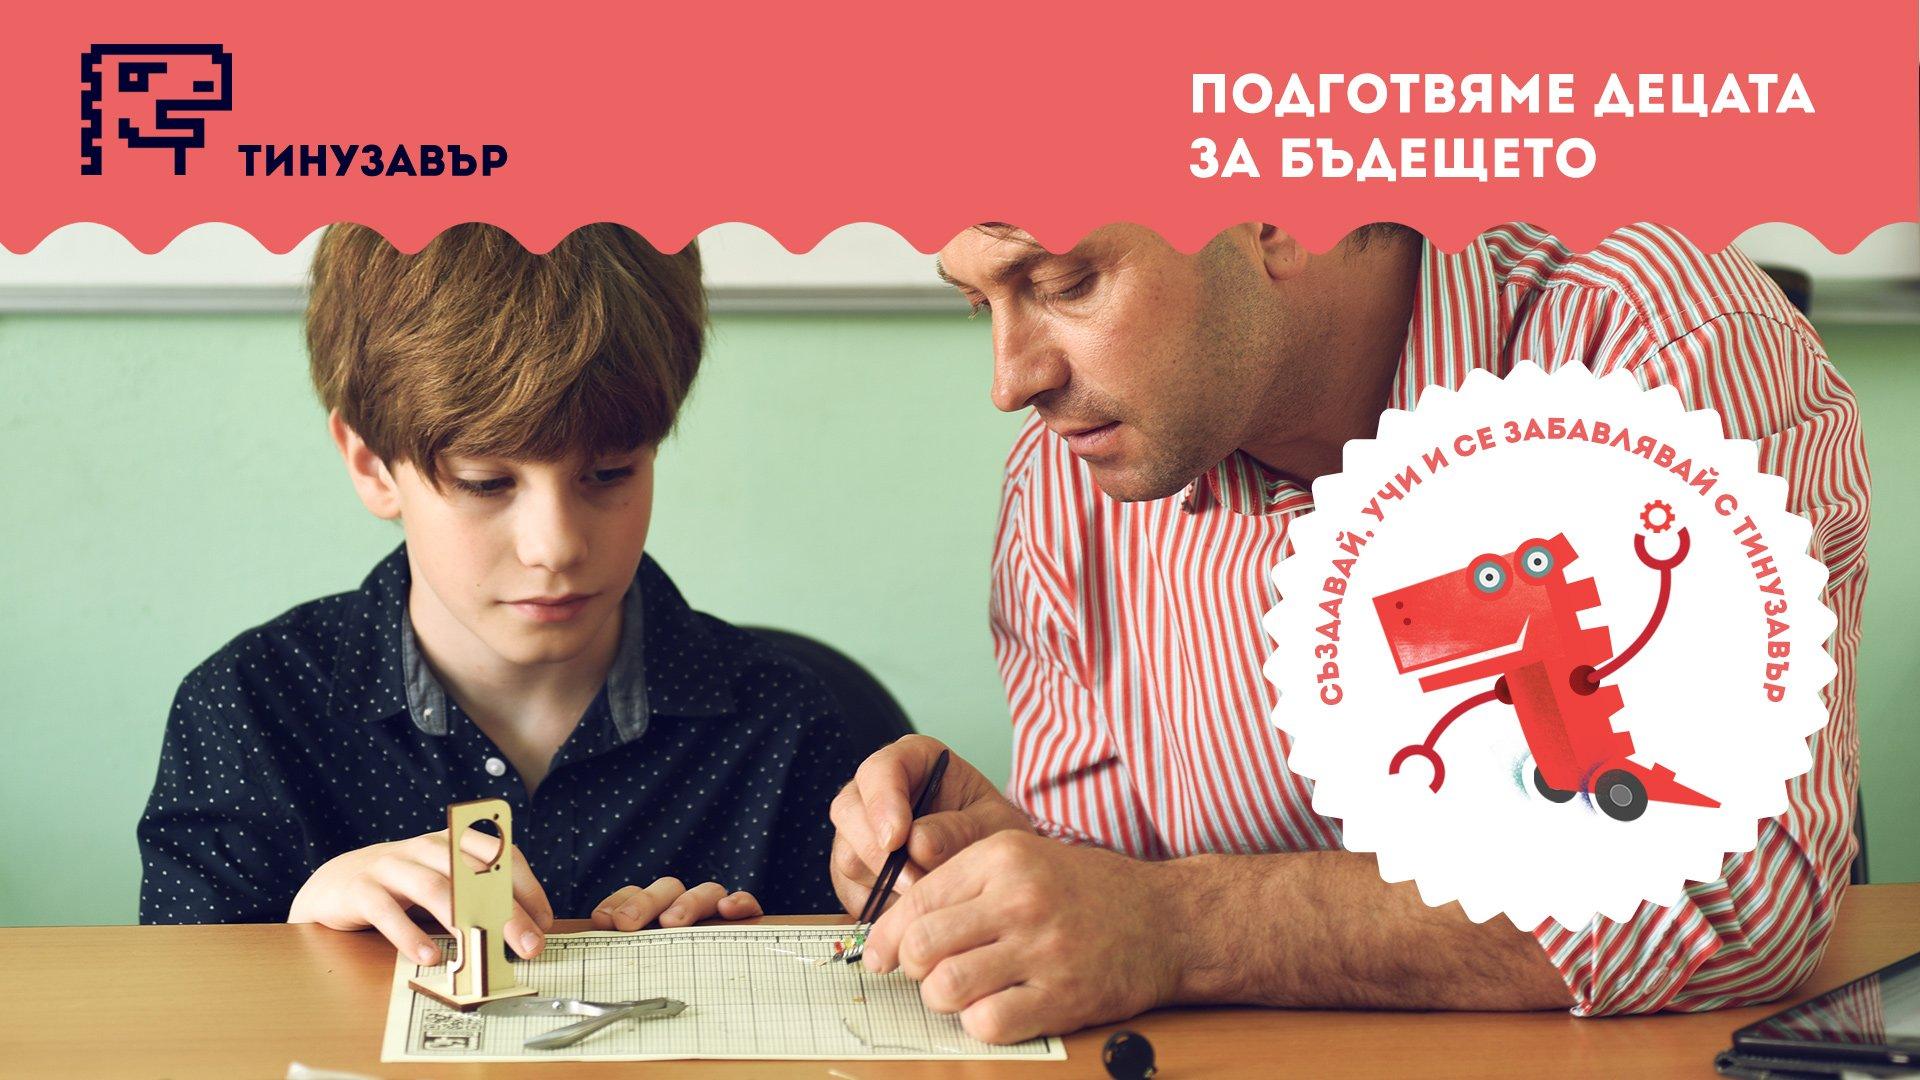 Тинузавър - Подготвяме децата за бъдещето